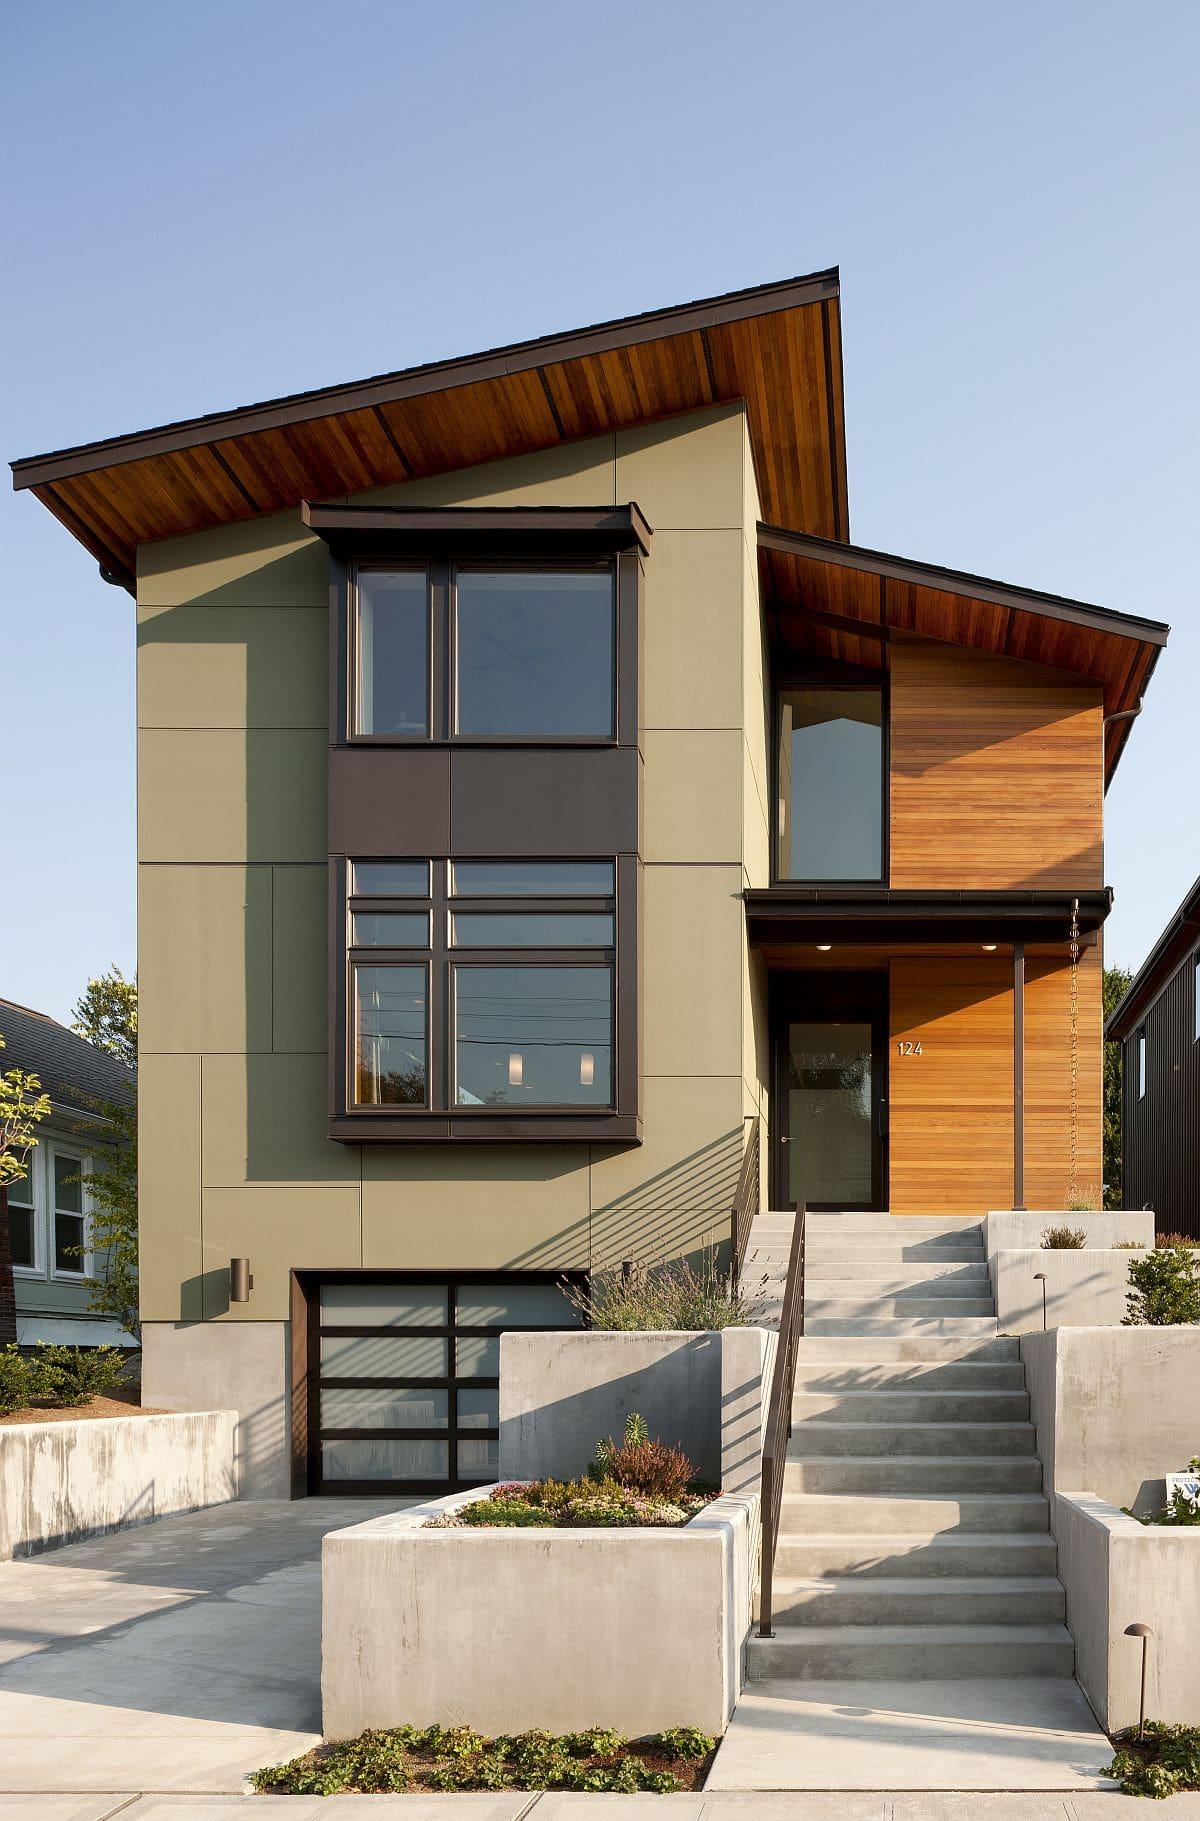 46311 Американская мечта в современной архитектуре